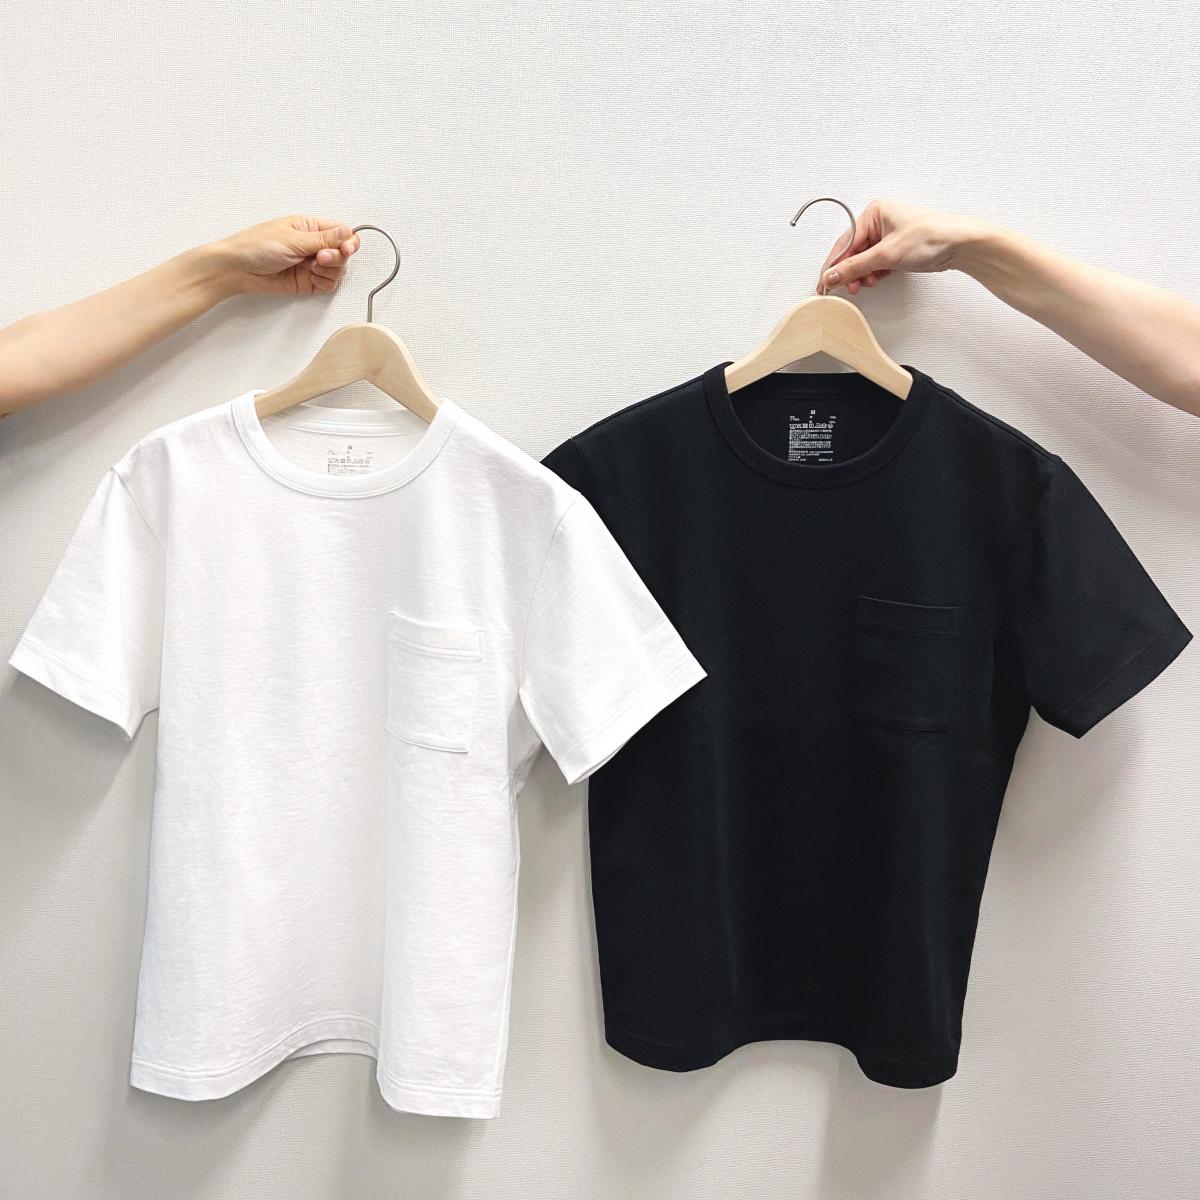 さらにアフォーダブルなプライスに! 色&サイズ違いで揃えたいポケット付きTシャツ